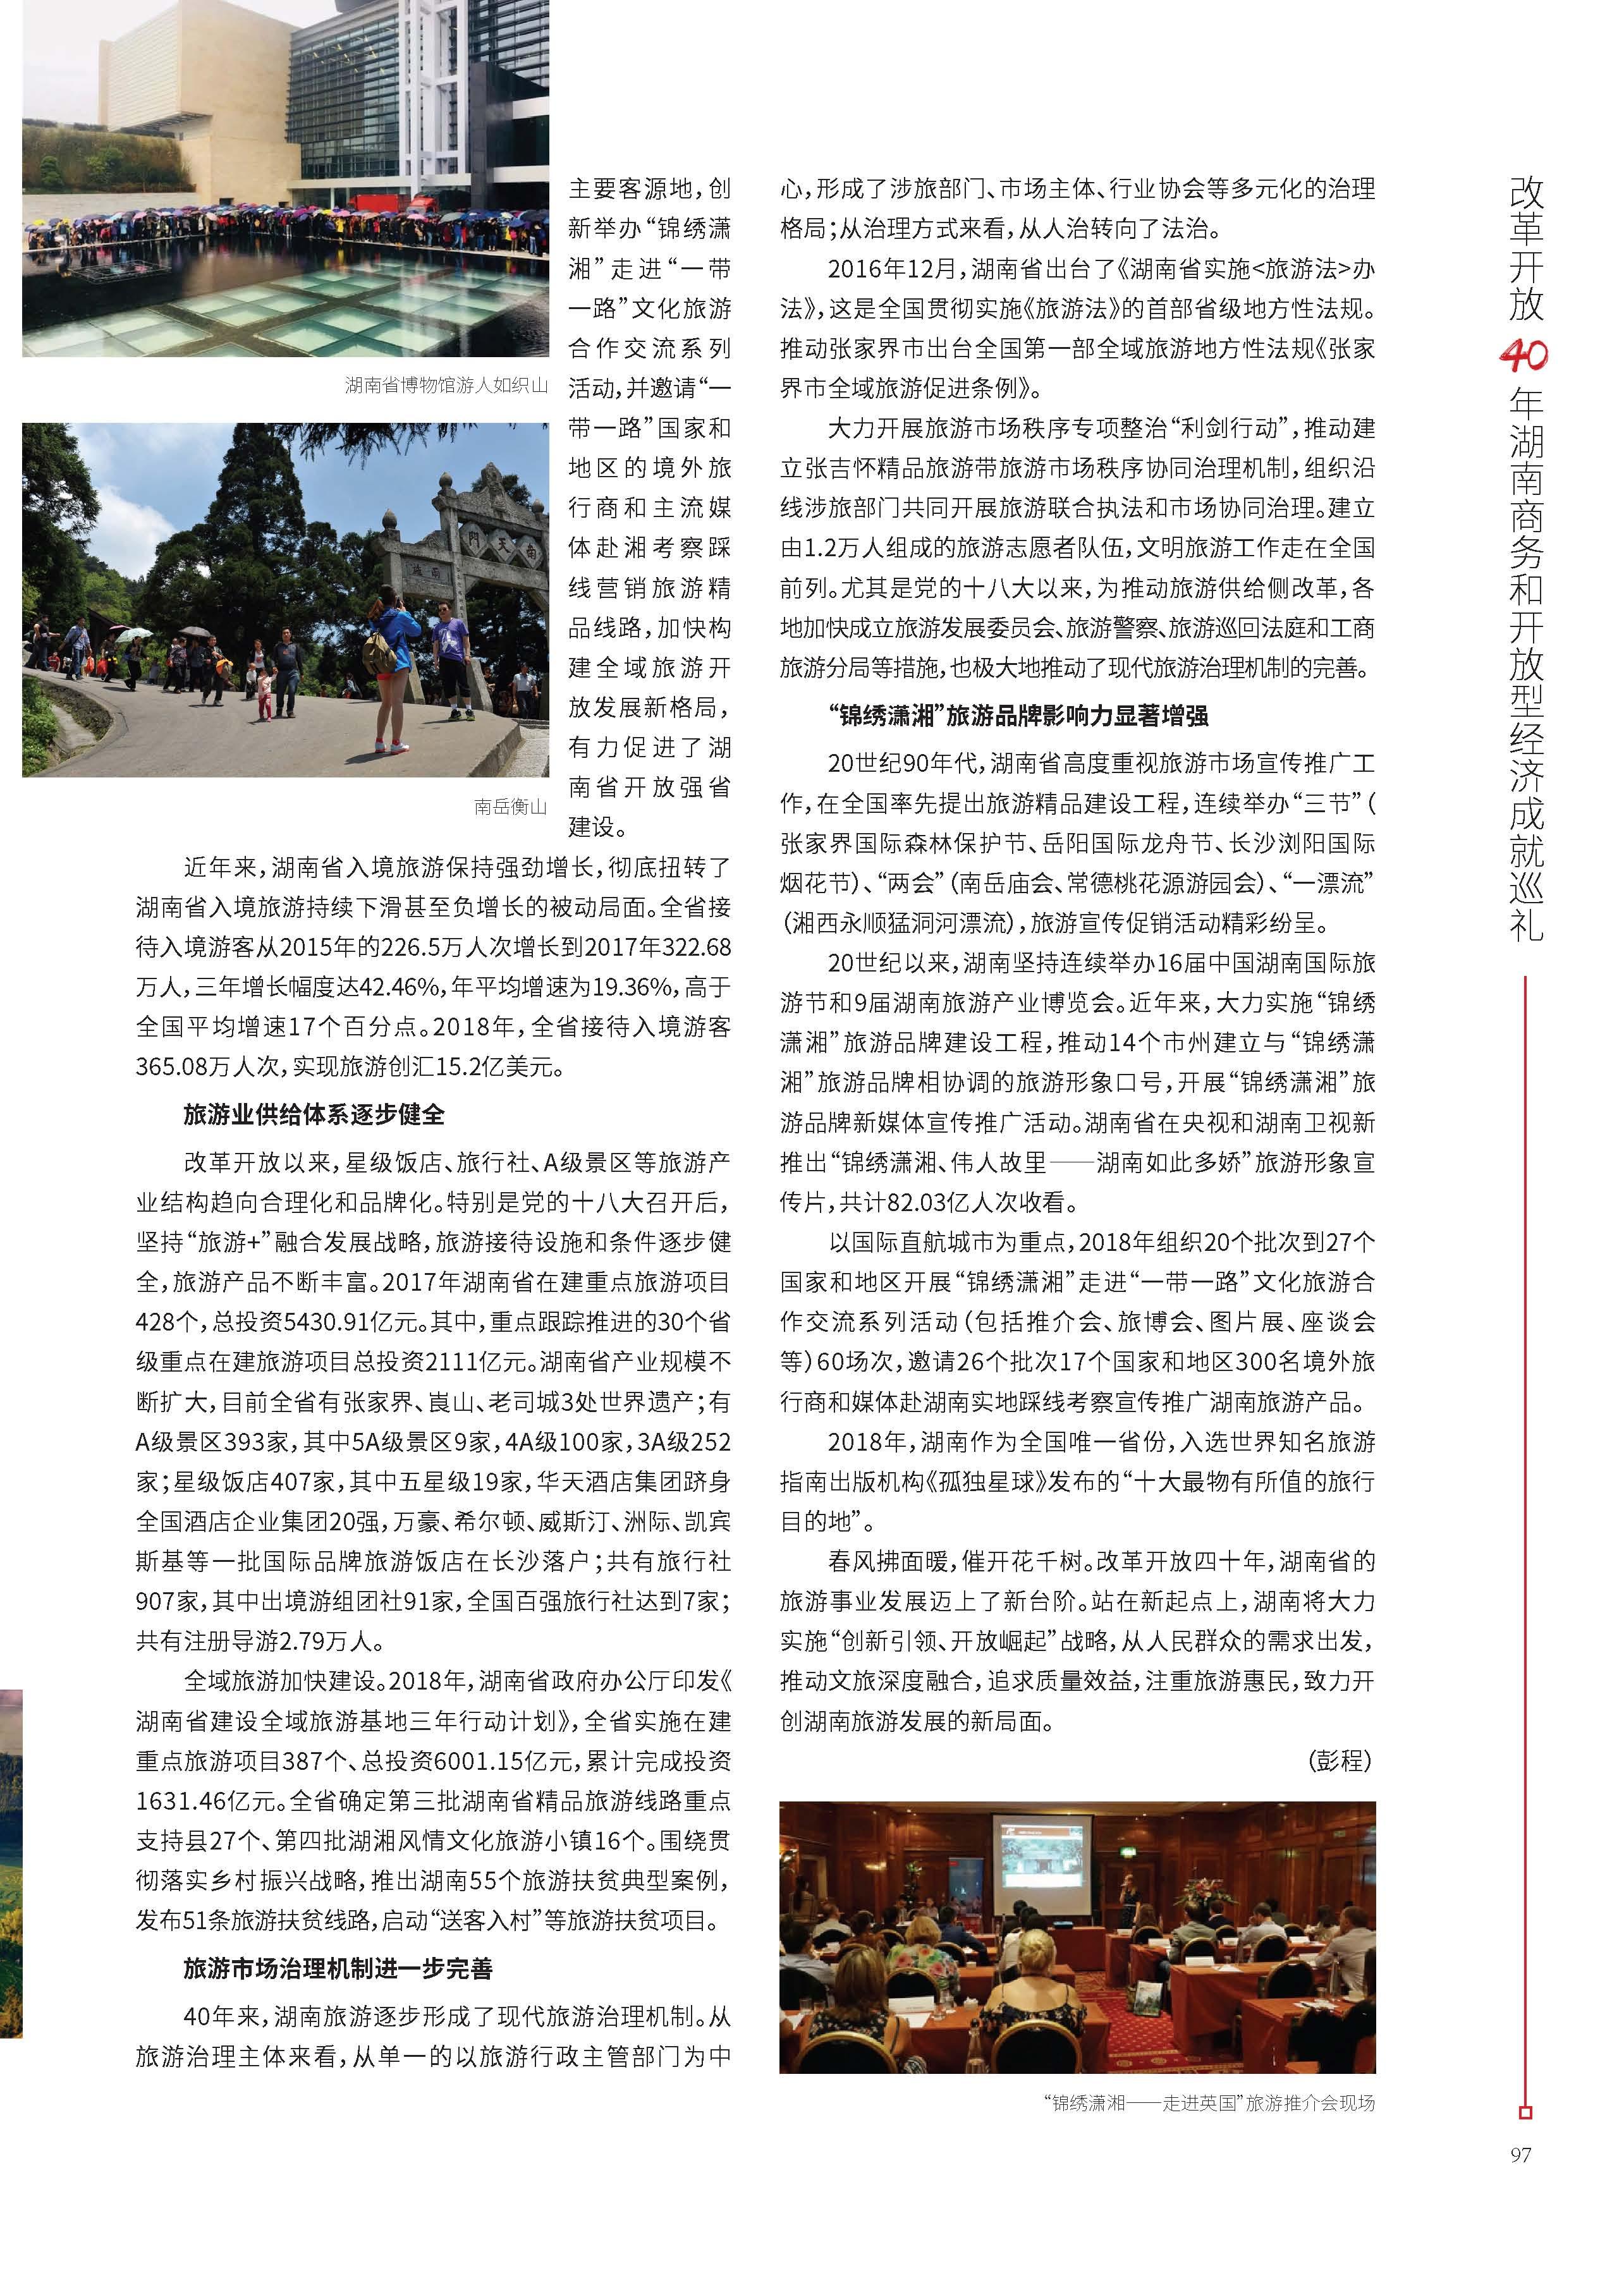 北京旅游业经济总量_北京大学